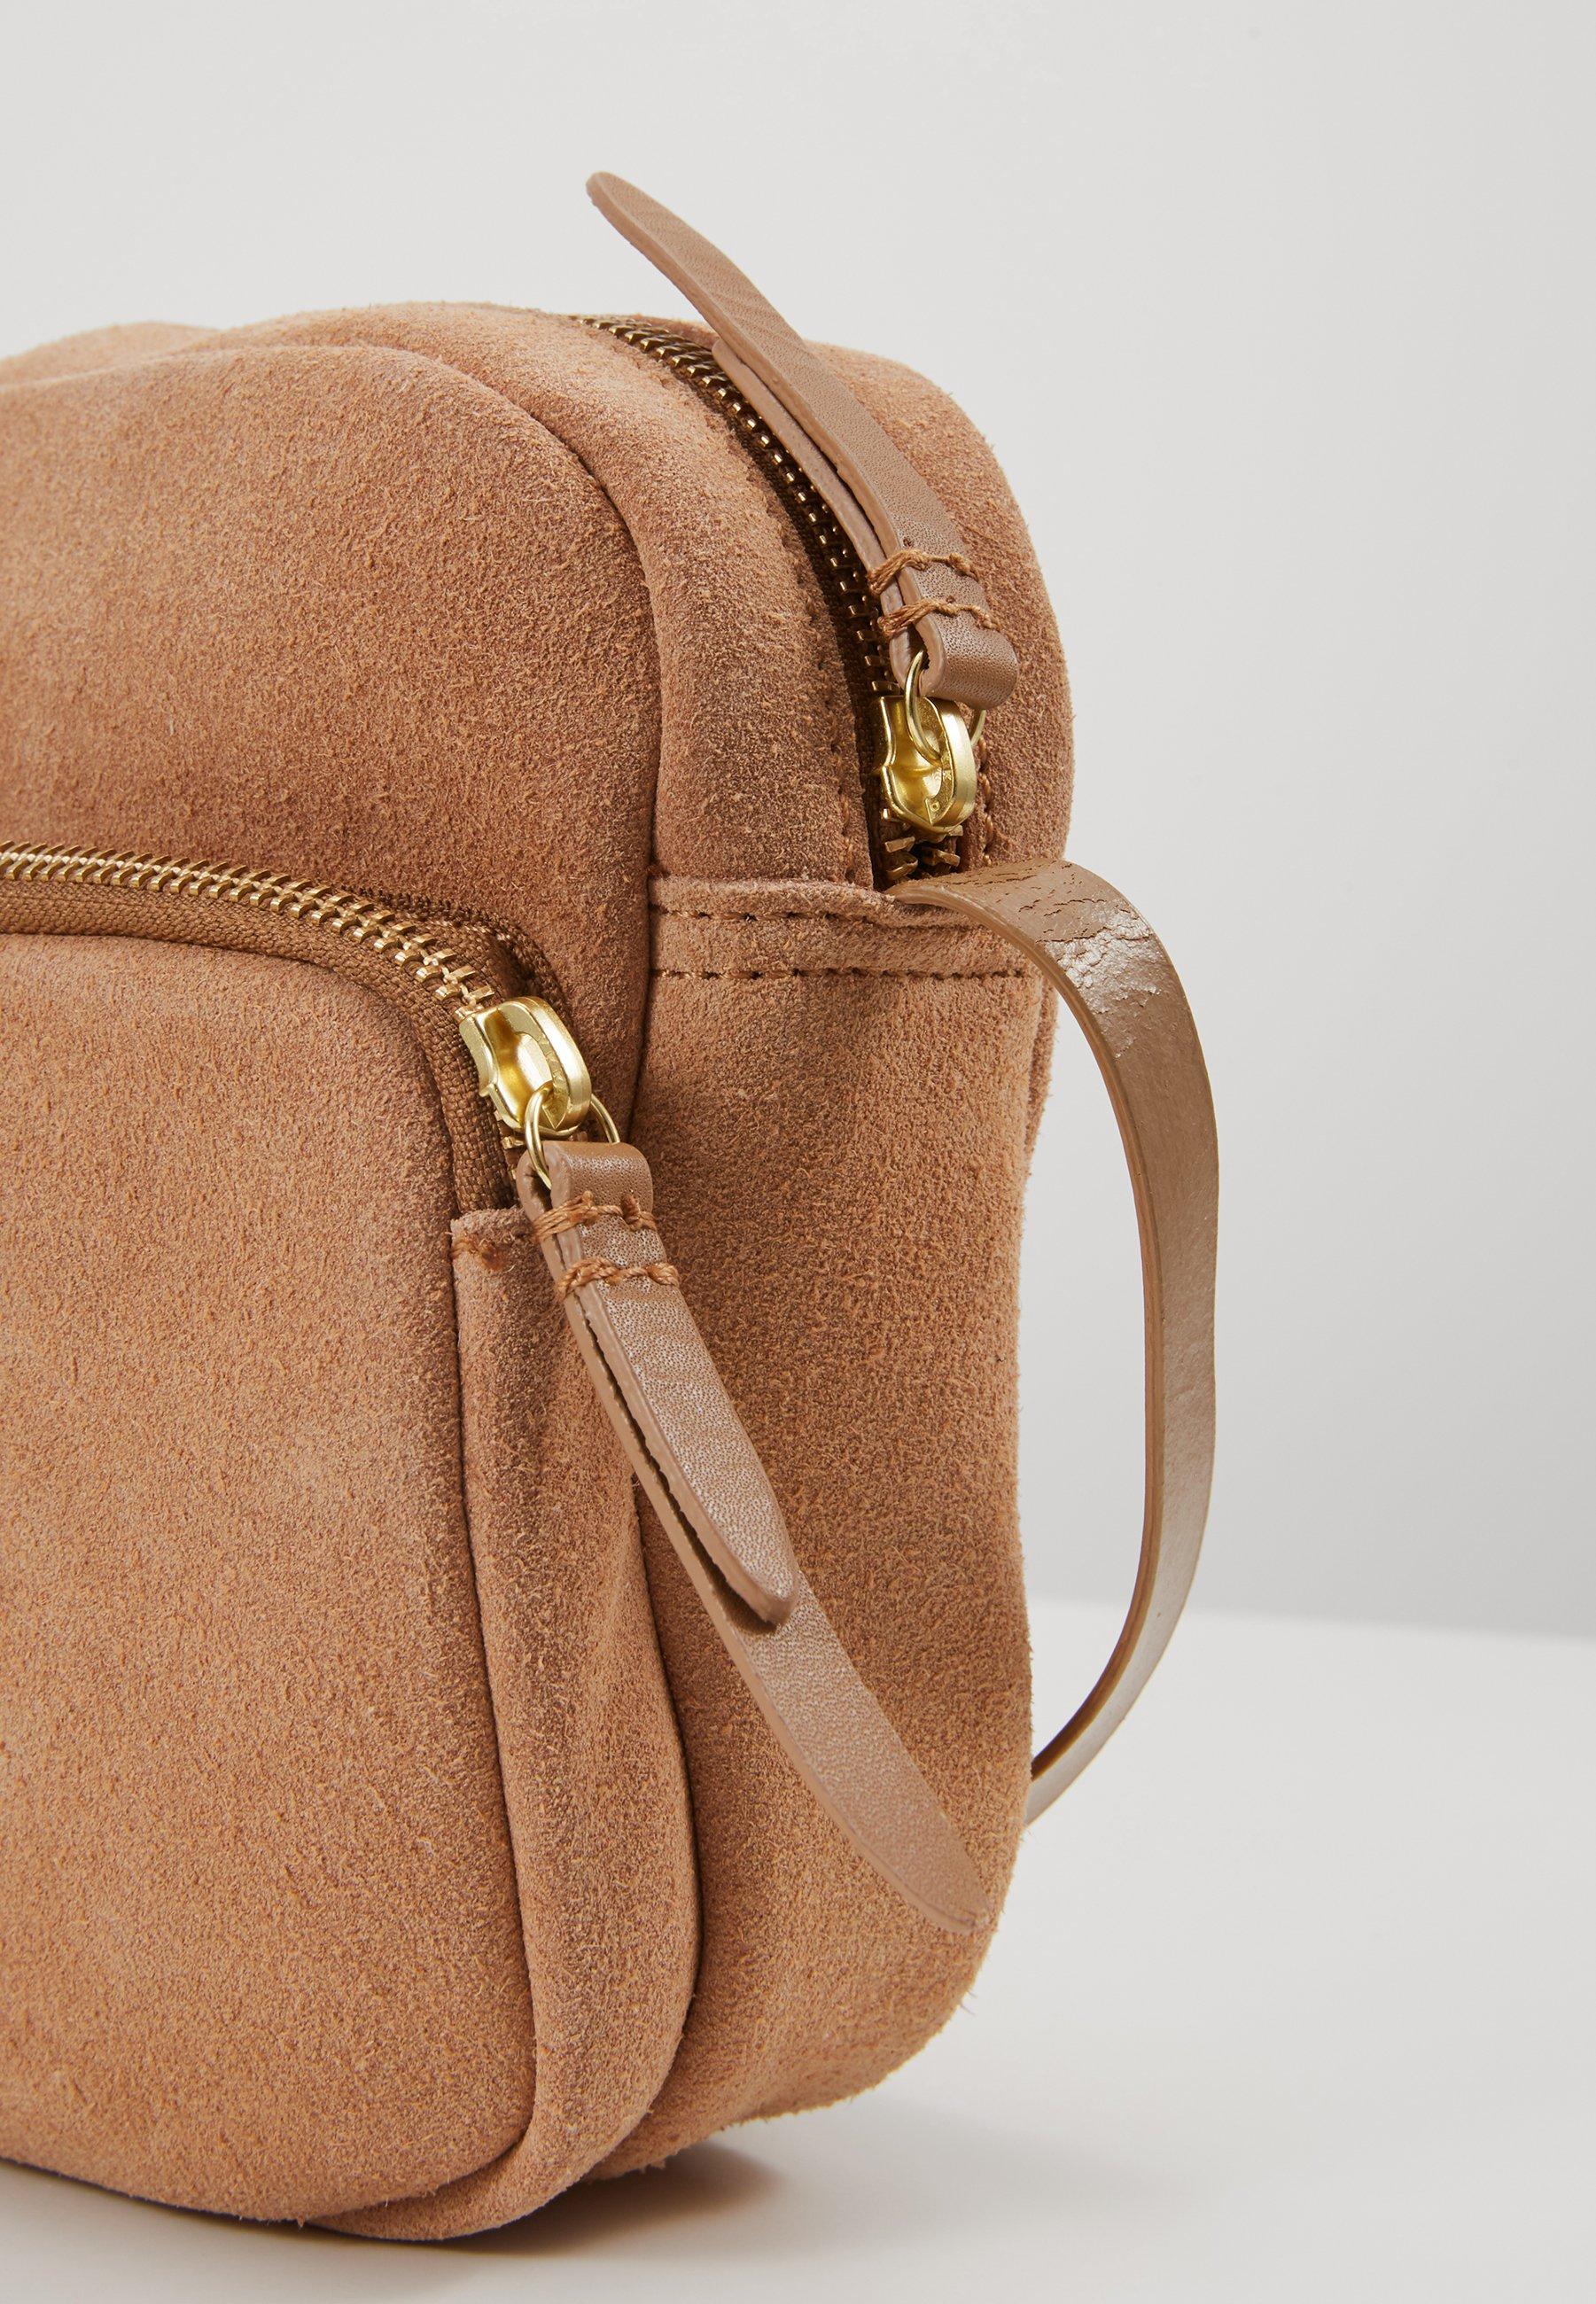 Zign Leather - Umhängetasche Tan